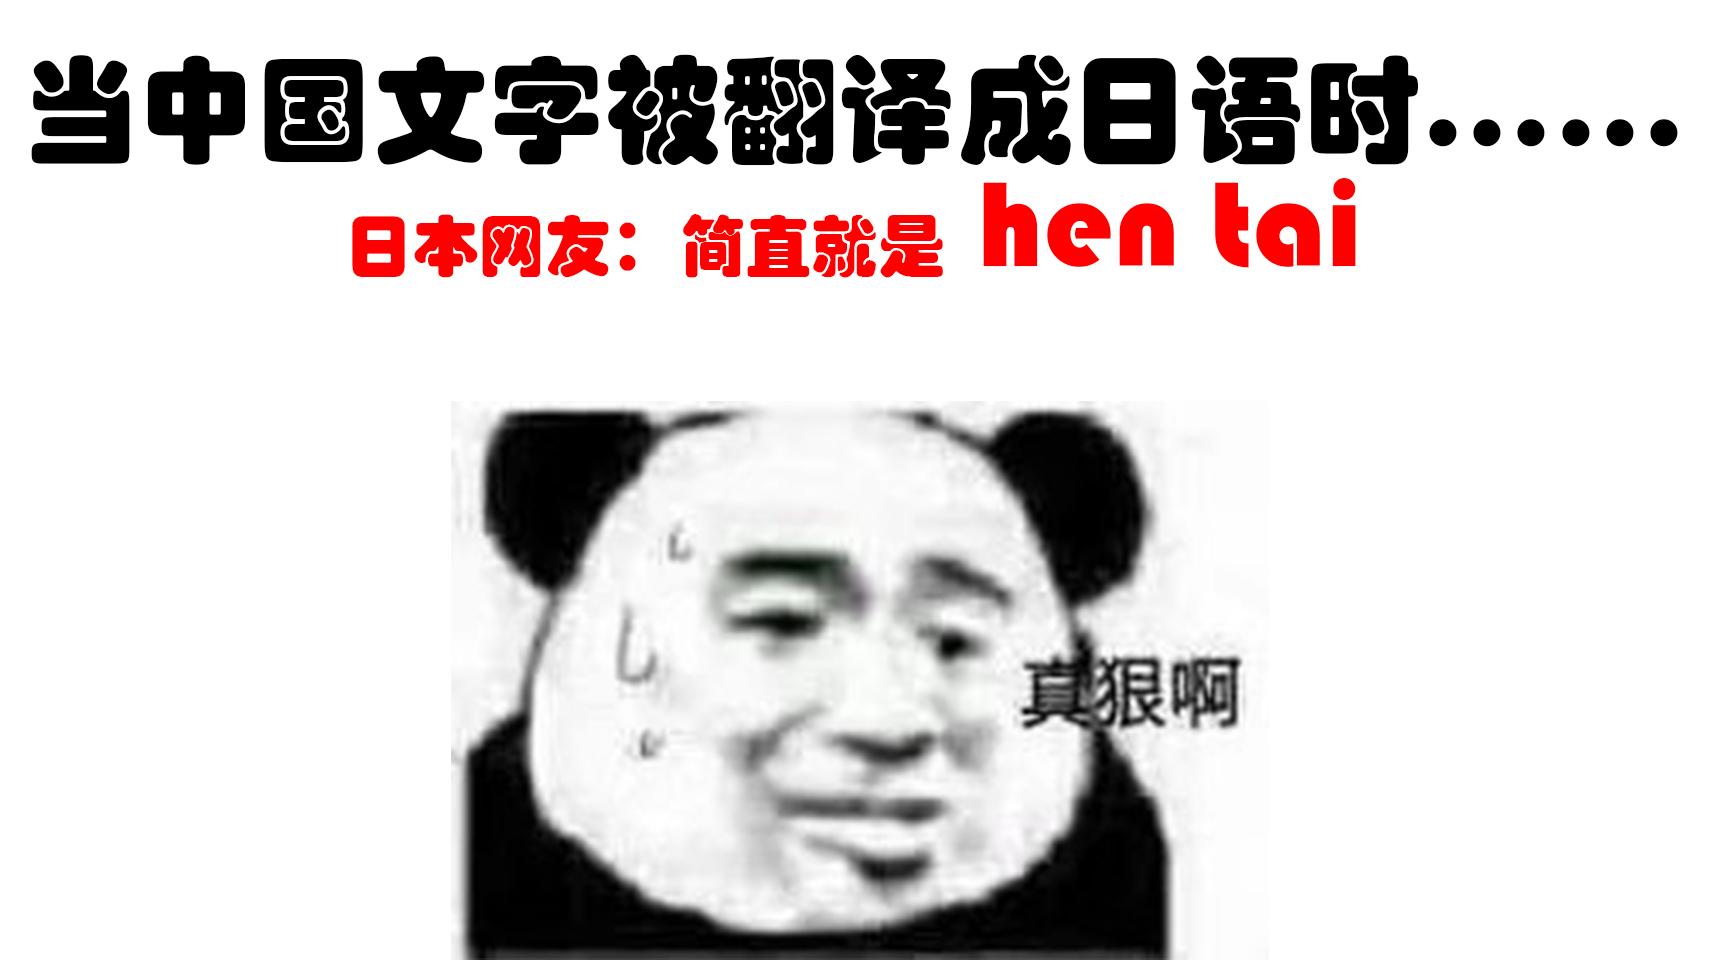 当中国文字被翻译成日语时......日本网友:简直就是真狠啊!!!